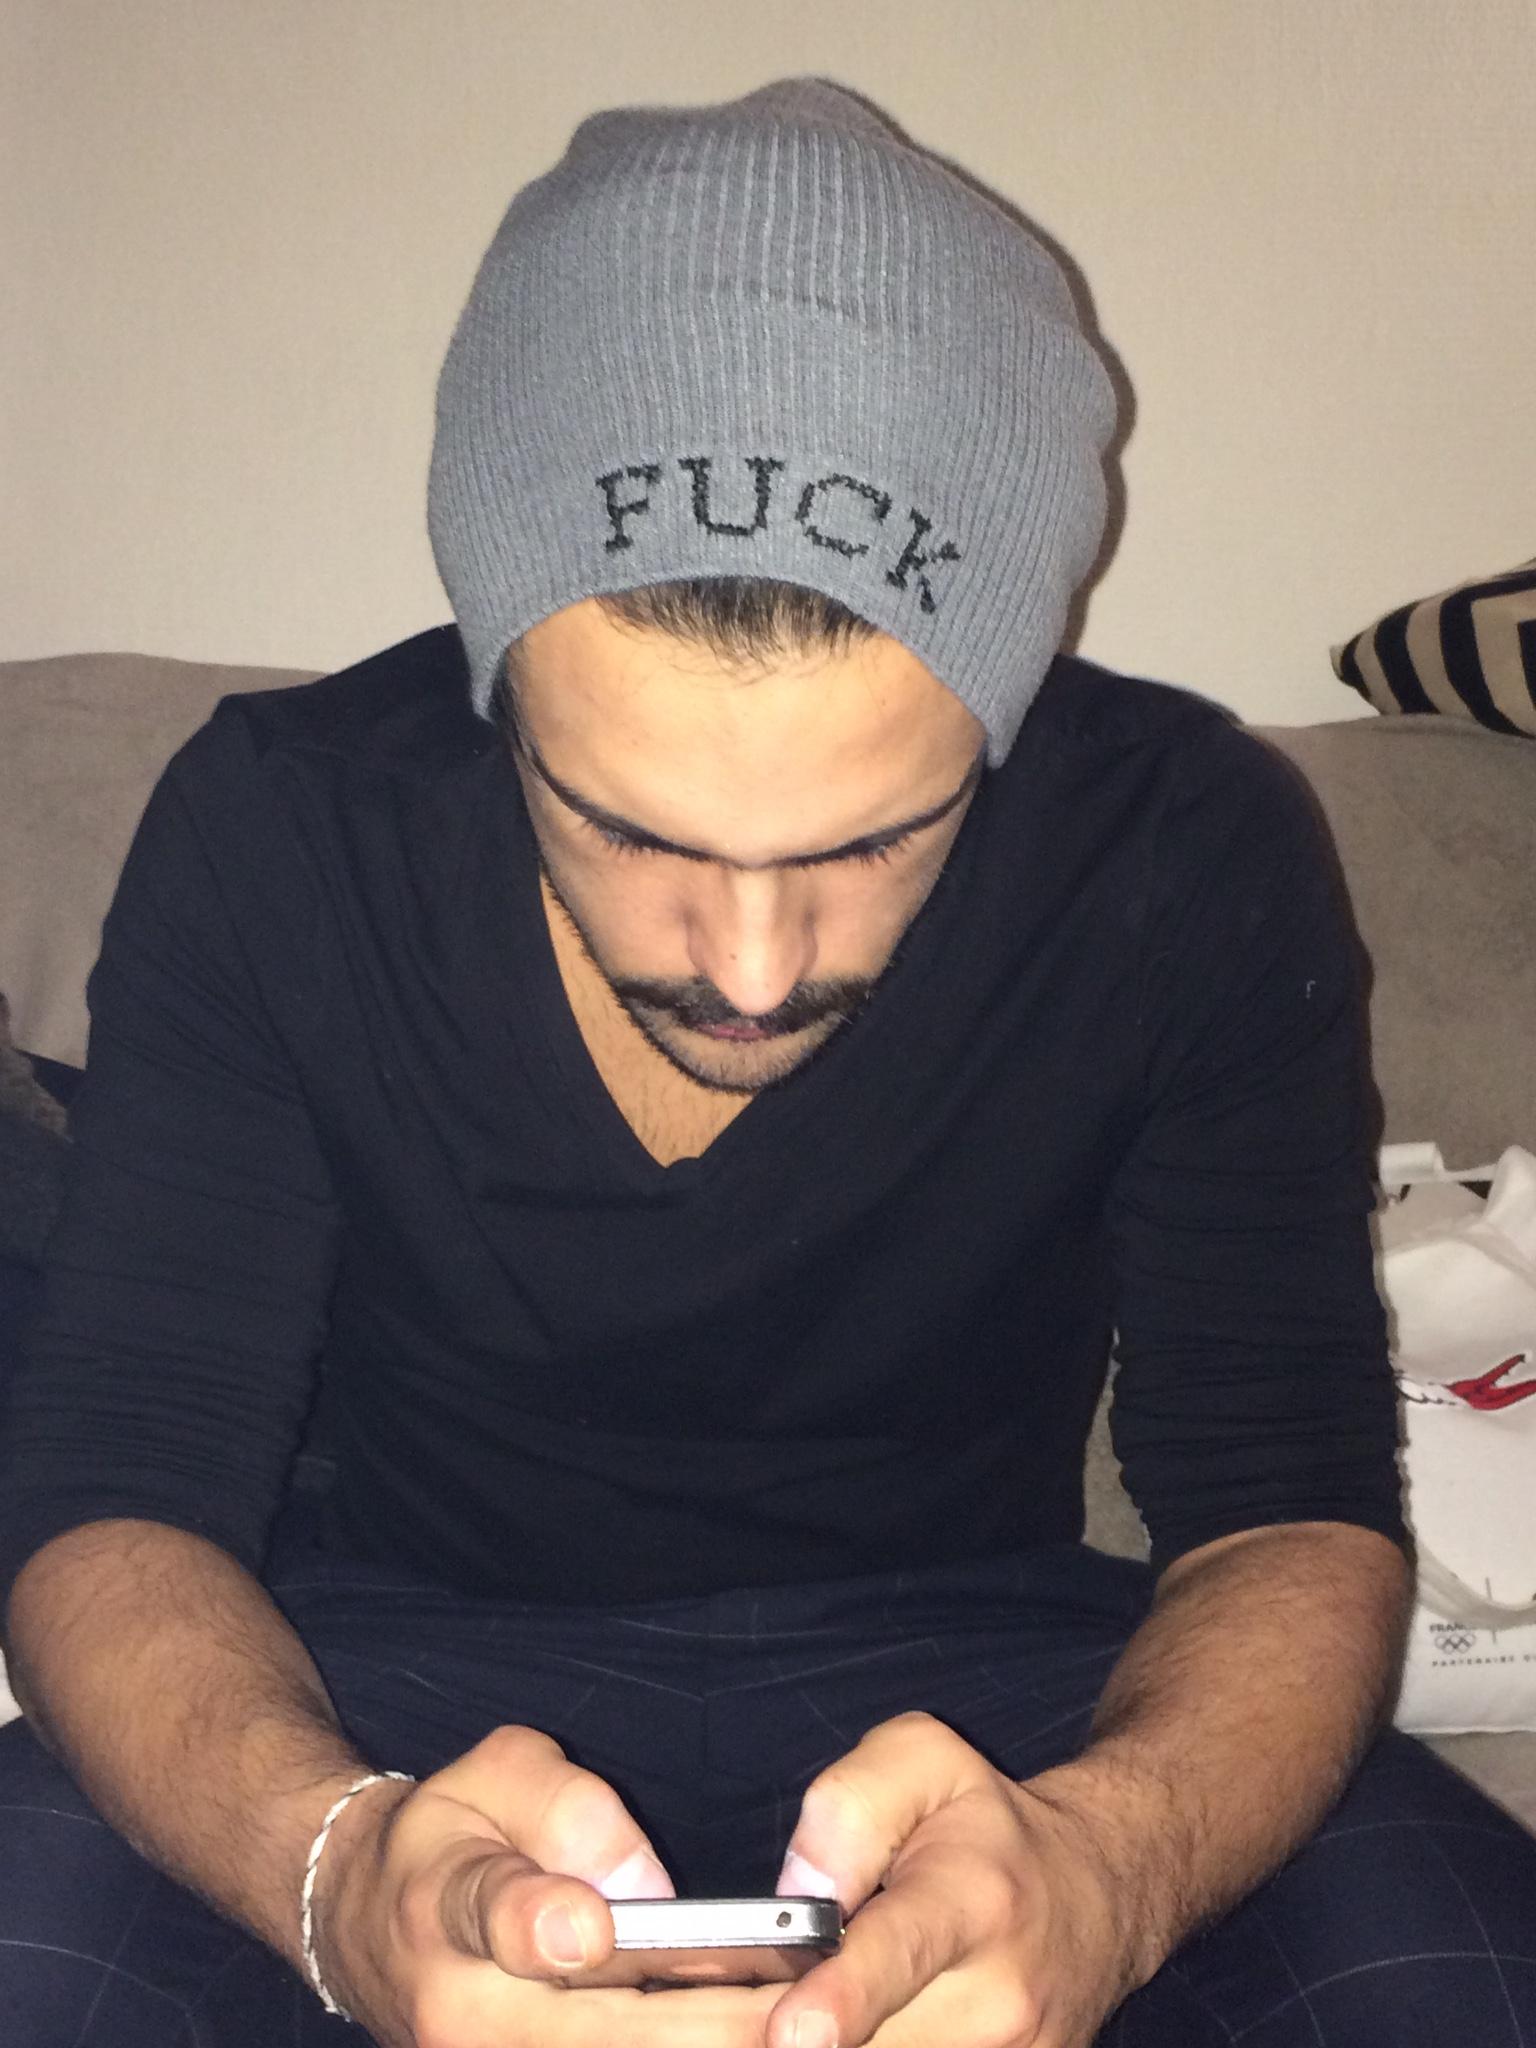 Point de croix-bonnet-broderie-fuck